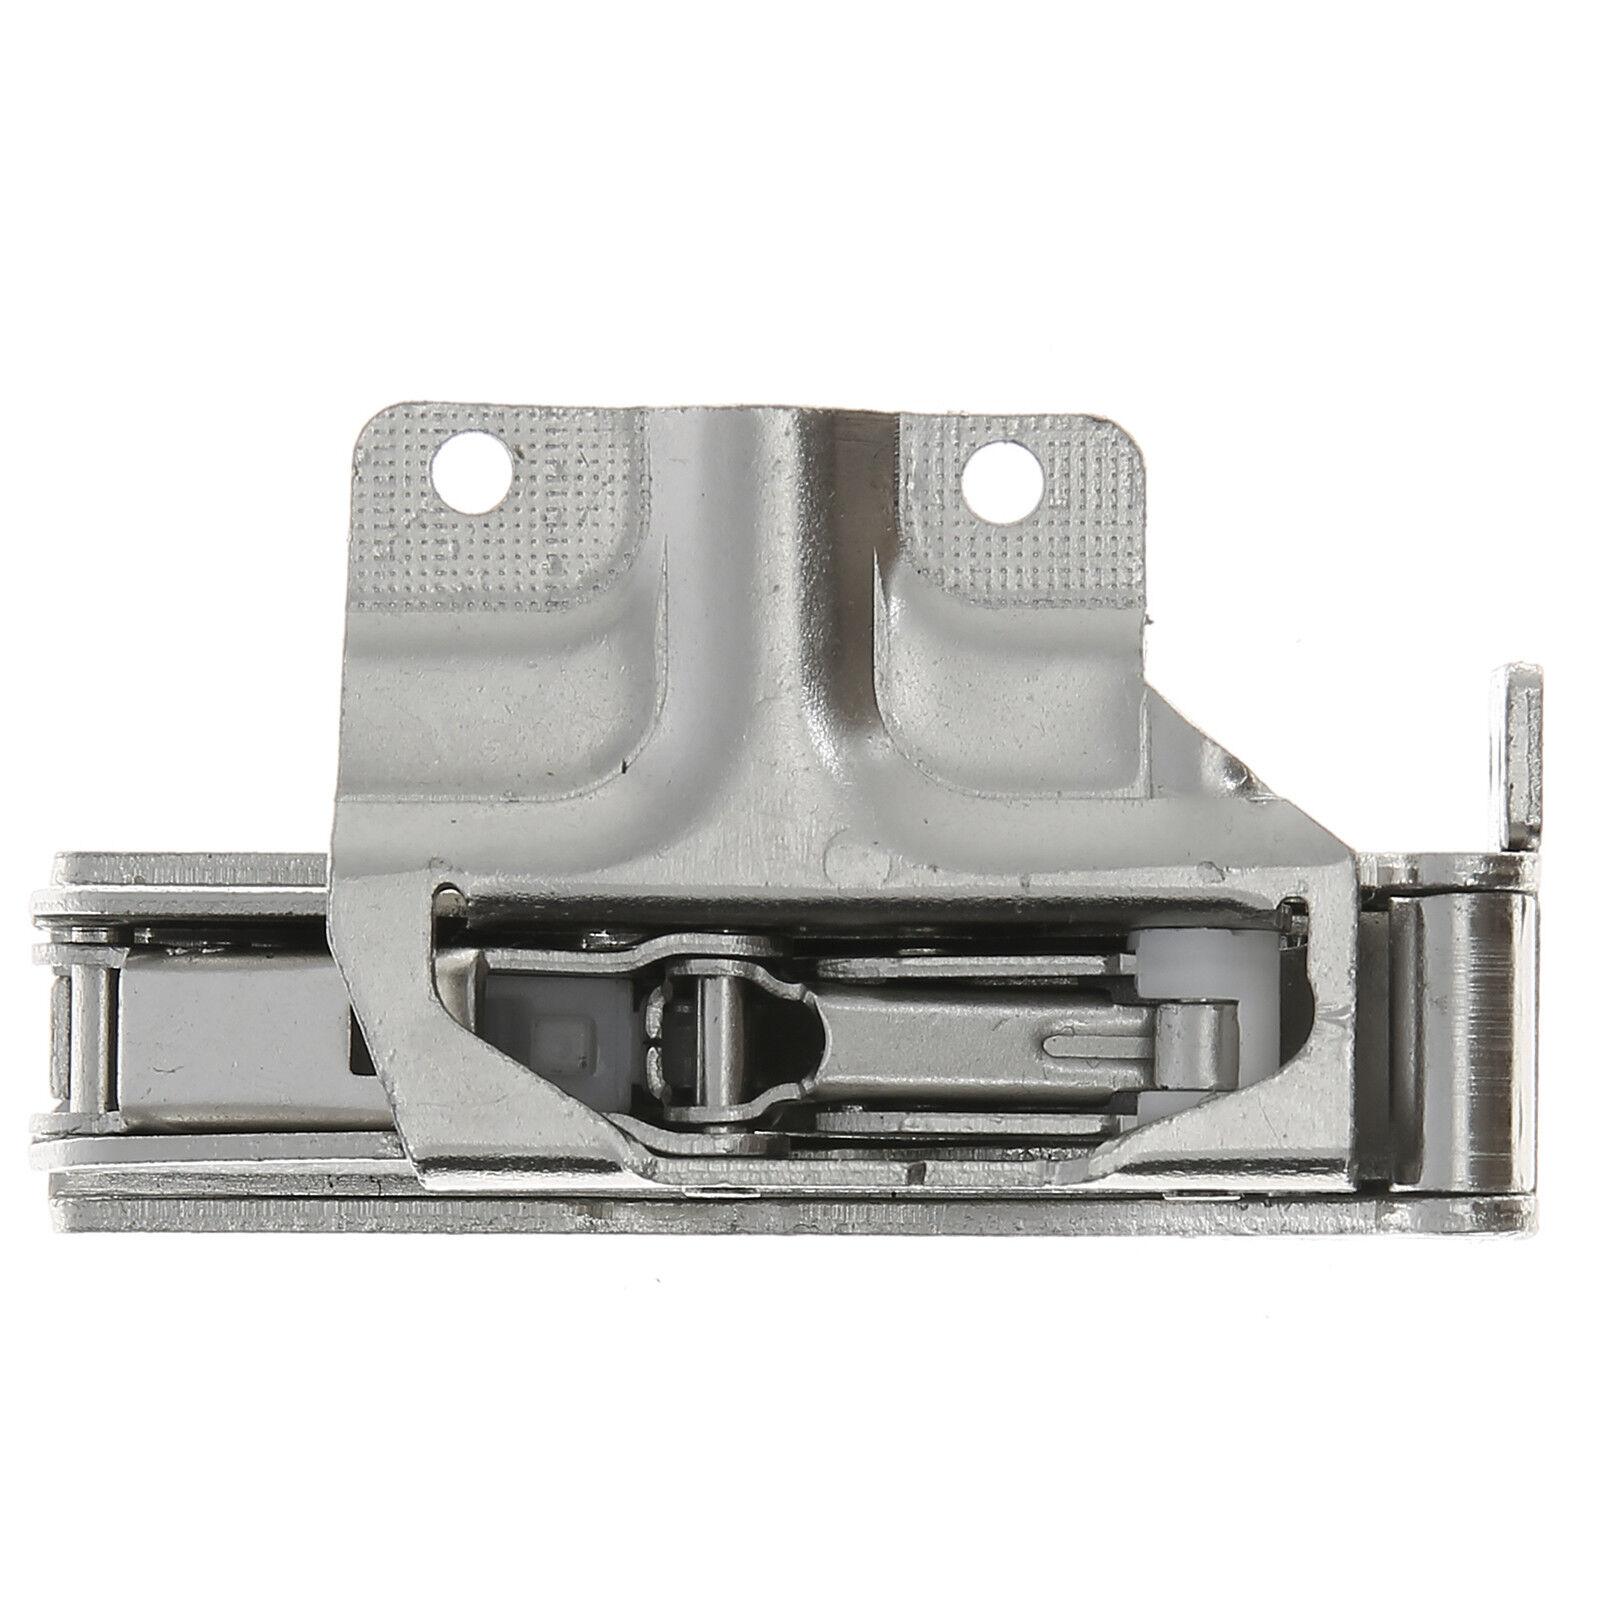 2 Scharniere für Bosch Kühlschrank Gefrierschrank 3702 3703 5.0 3306 3307 5.0,